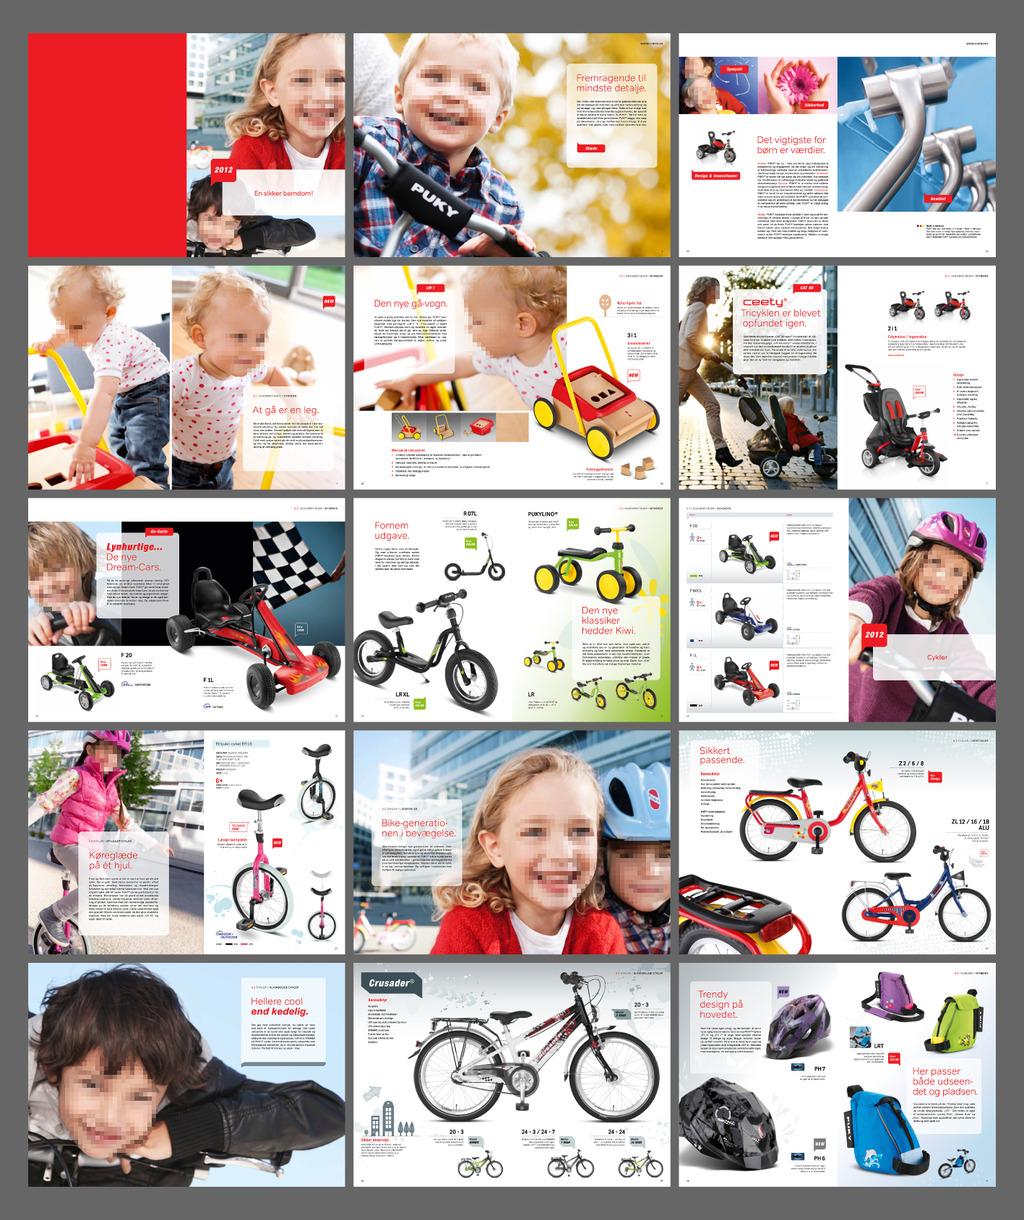 儿童车画册图片下载 儿童三轮车画册